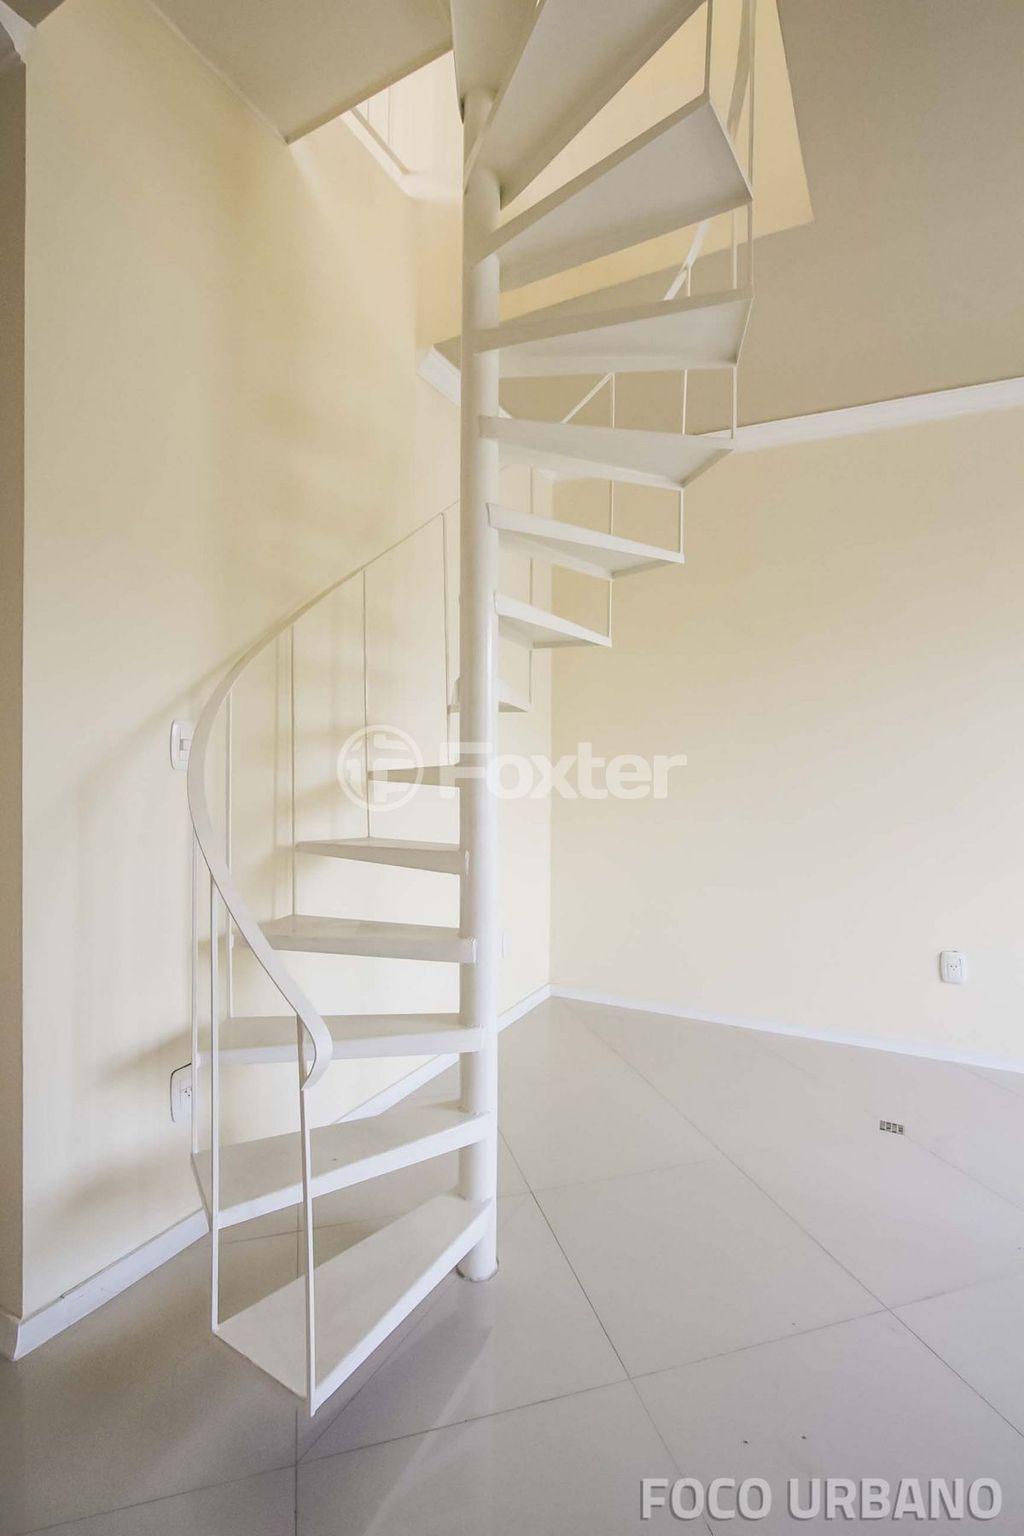 Foxter Imobiliária - Cobertura 1 Dorm (131325) - Foto 12